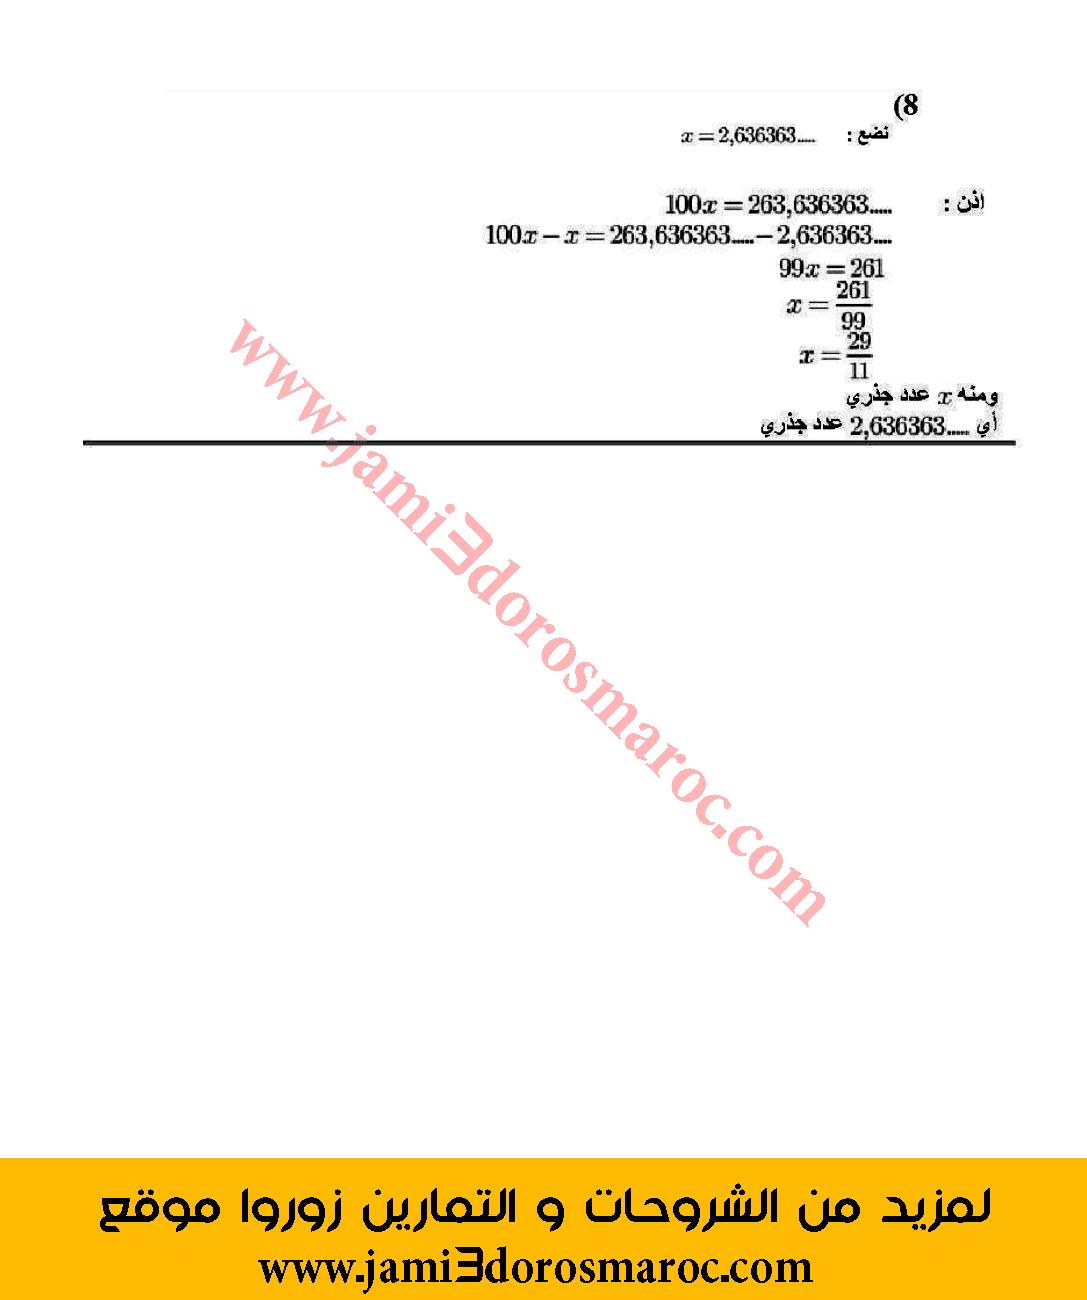 الأعداد الجذرية للسنة الثانية إعدادي تمارين وحلول pdf